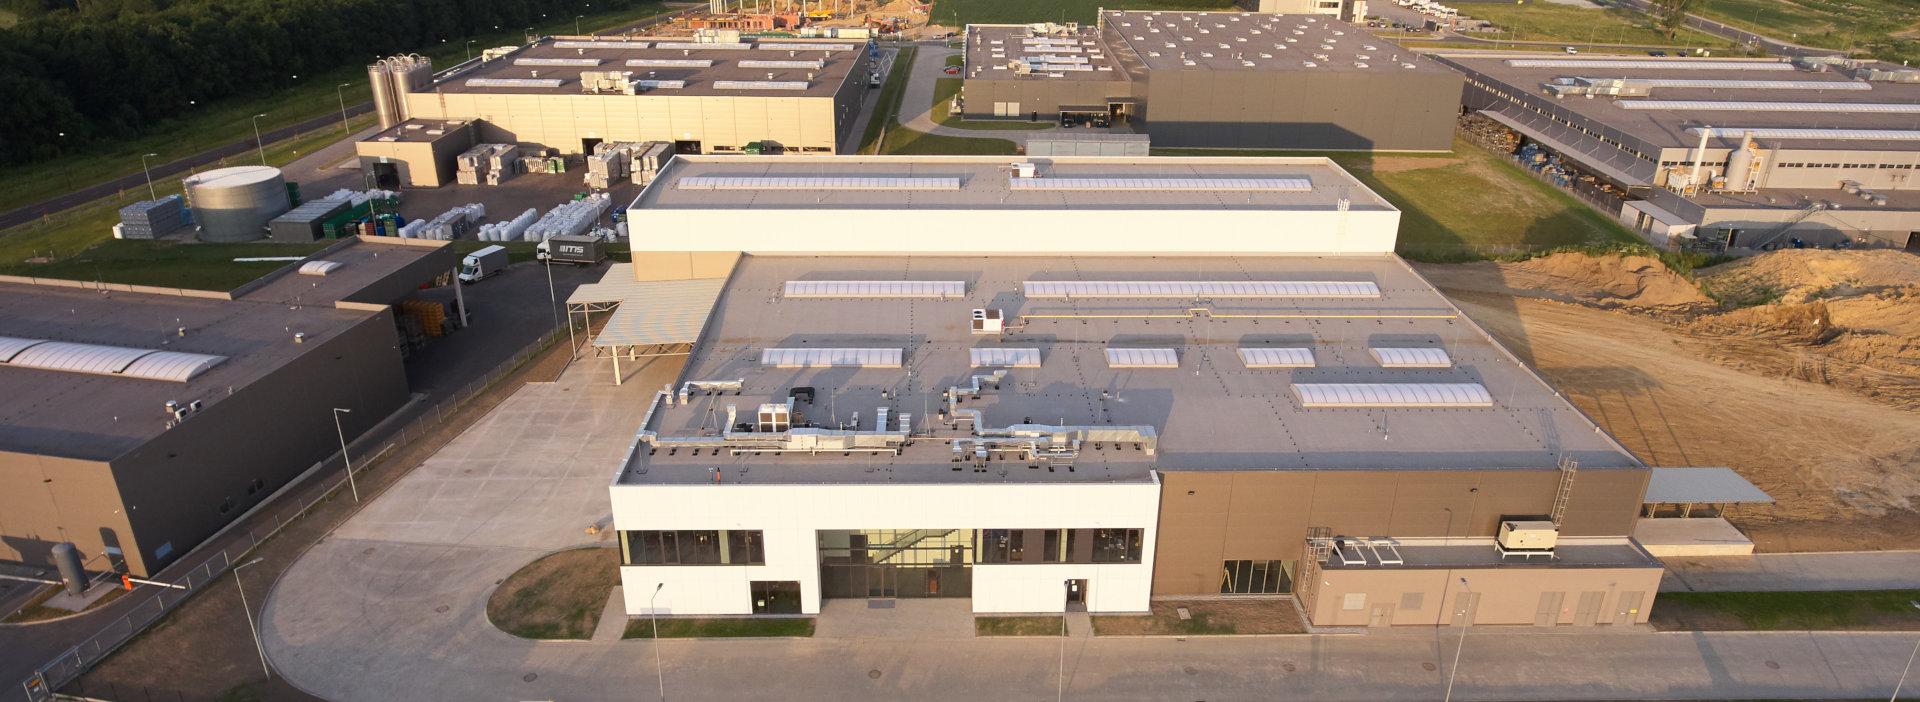 Kamiński - Budownictwo. Budowa hali produkcyjnej, Budowa hali produkcyjno magazynowej, Hala produkcyjno magazynowa